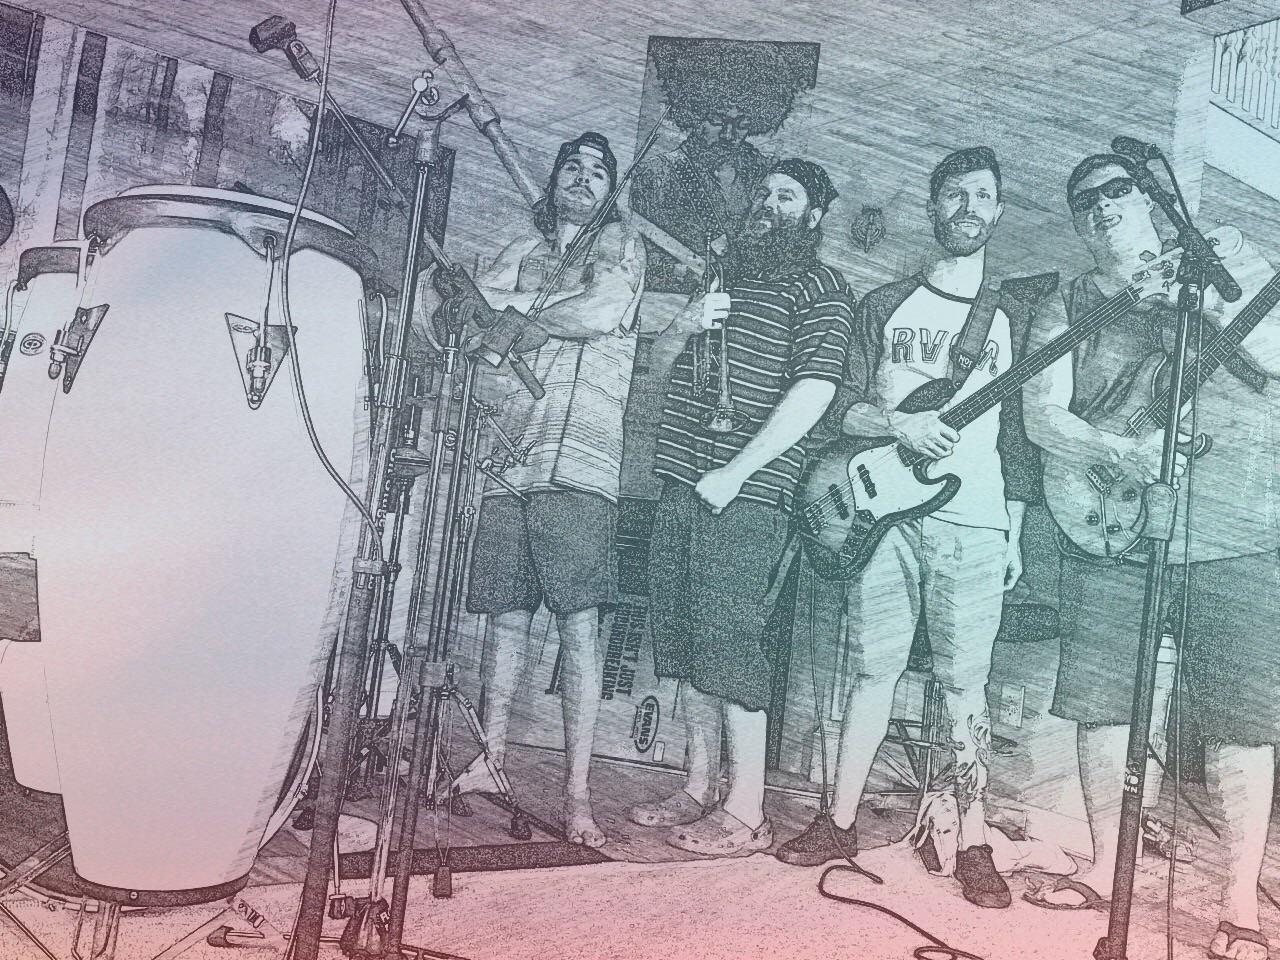 Left to right: Dustin King, Ryan Daknar, Rhys Boardman and Josh Loewen